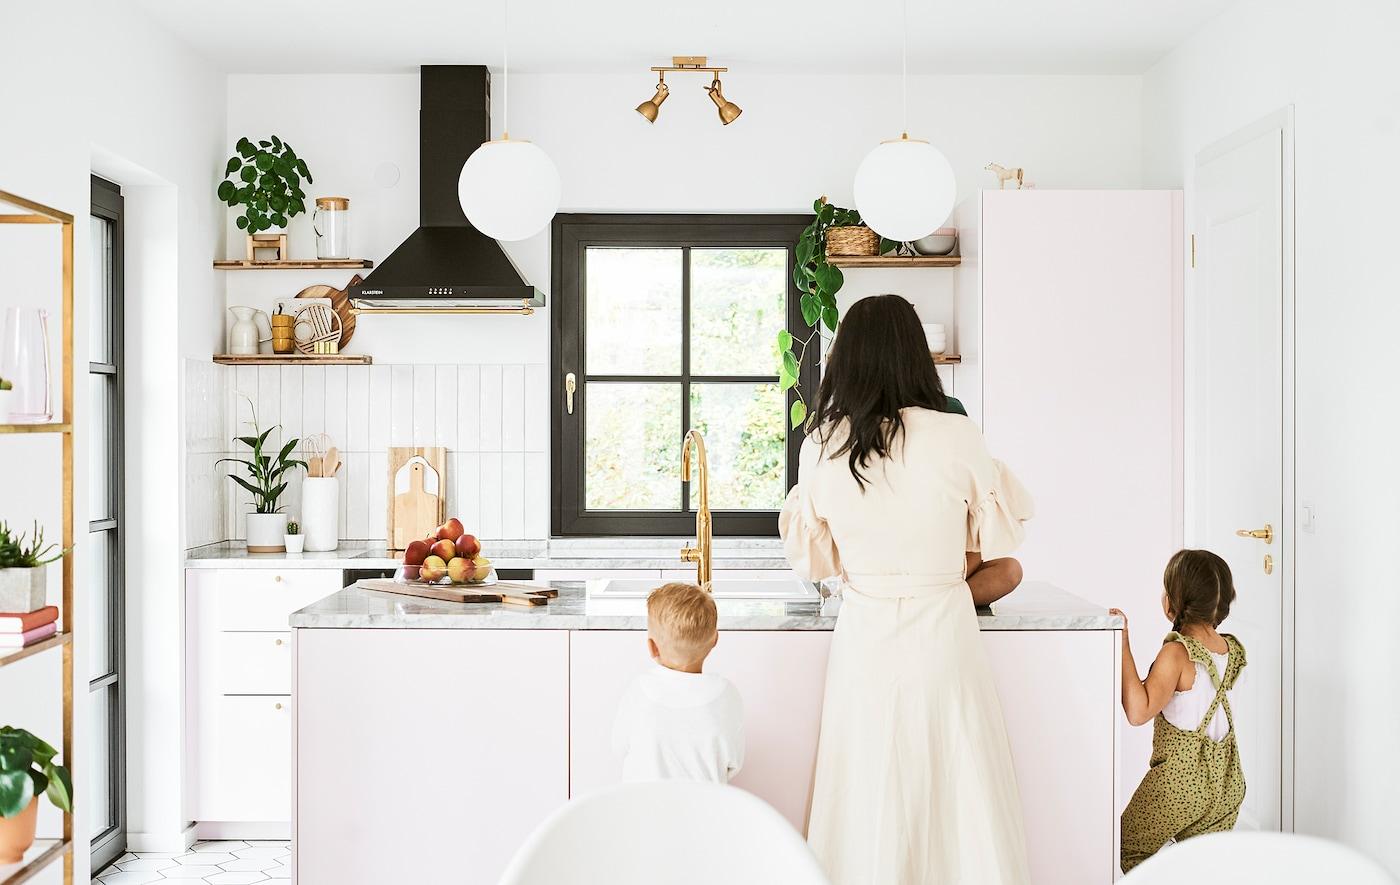 O mamă și doi copii la insula de bucătărie dintr-o bucătărie cu corpuri roz, cu blaturi din marmură și accesorii din alamă.